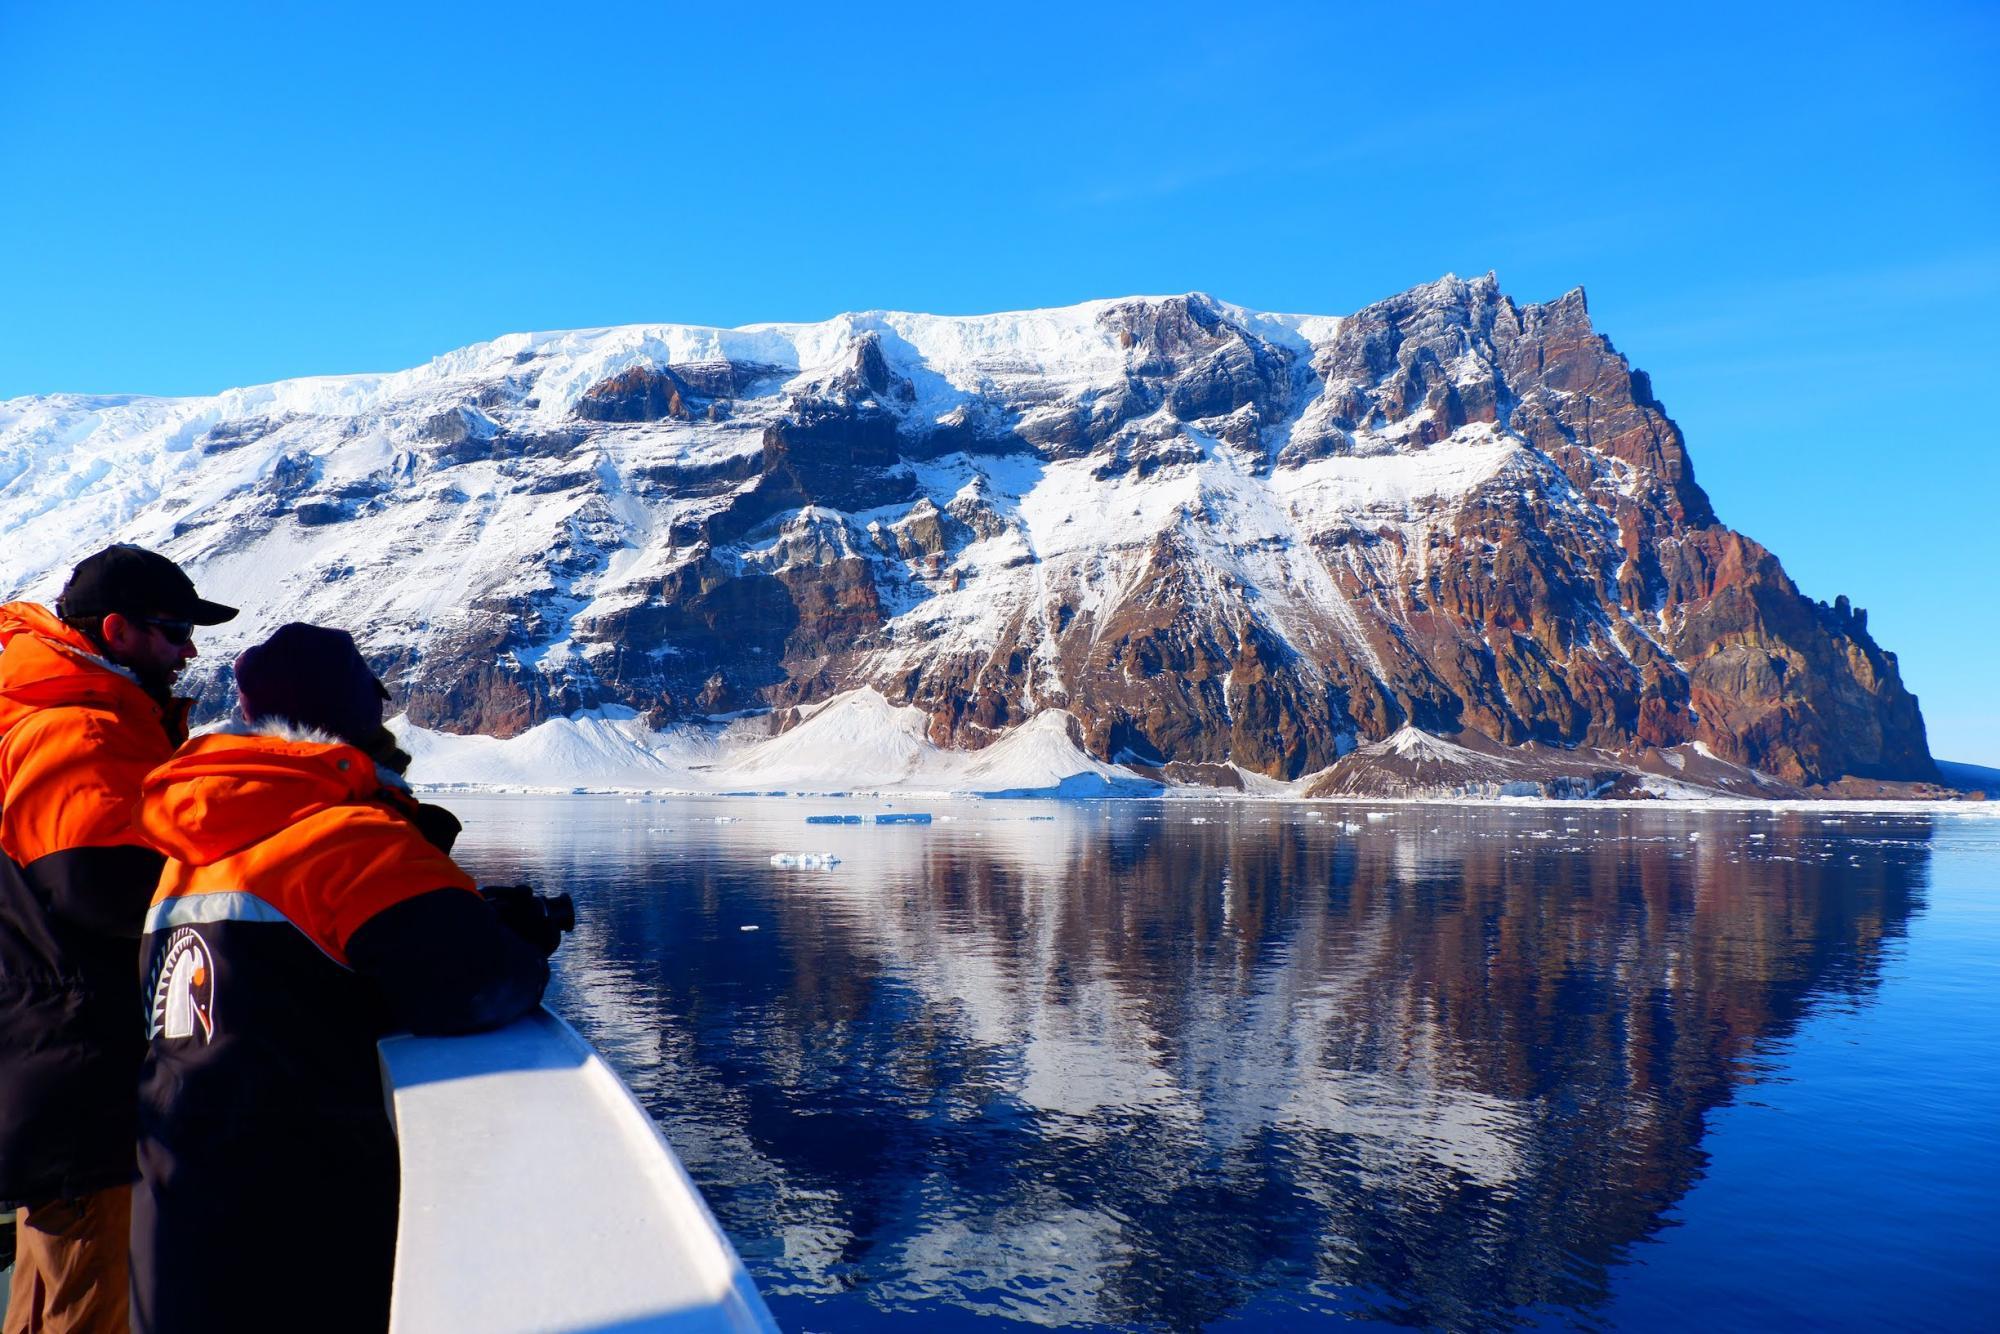 Scientists look over edge of boat in Antarctica